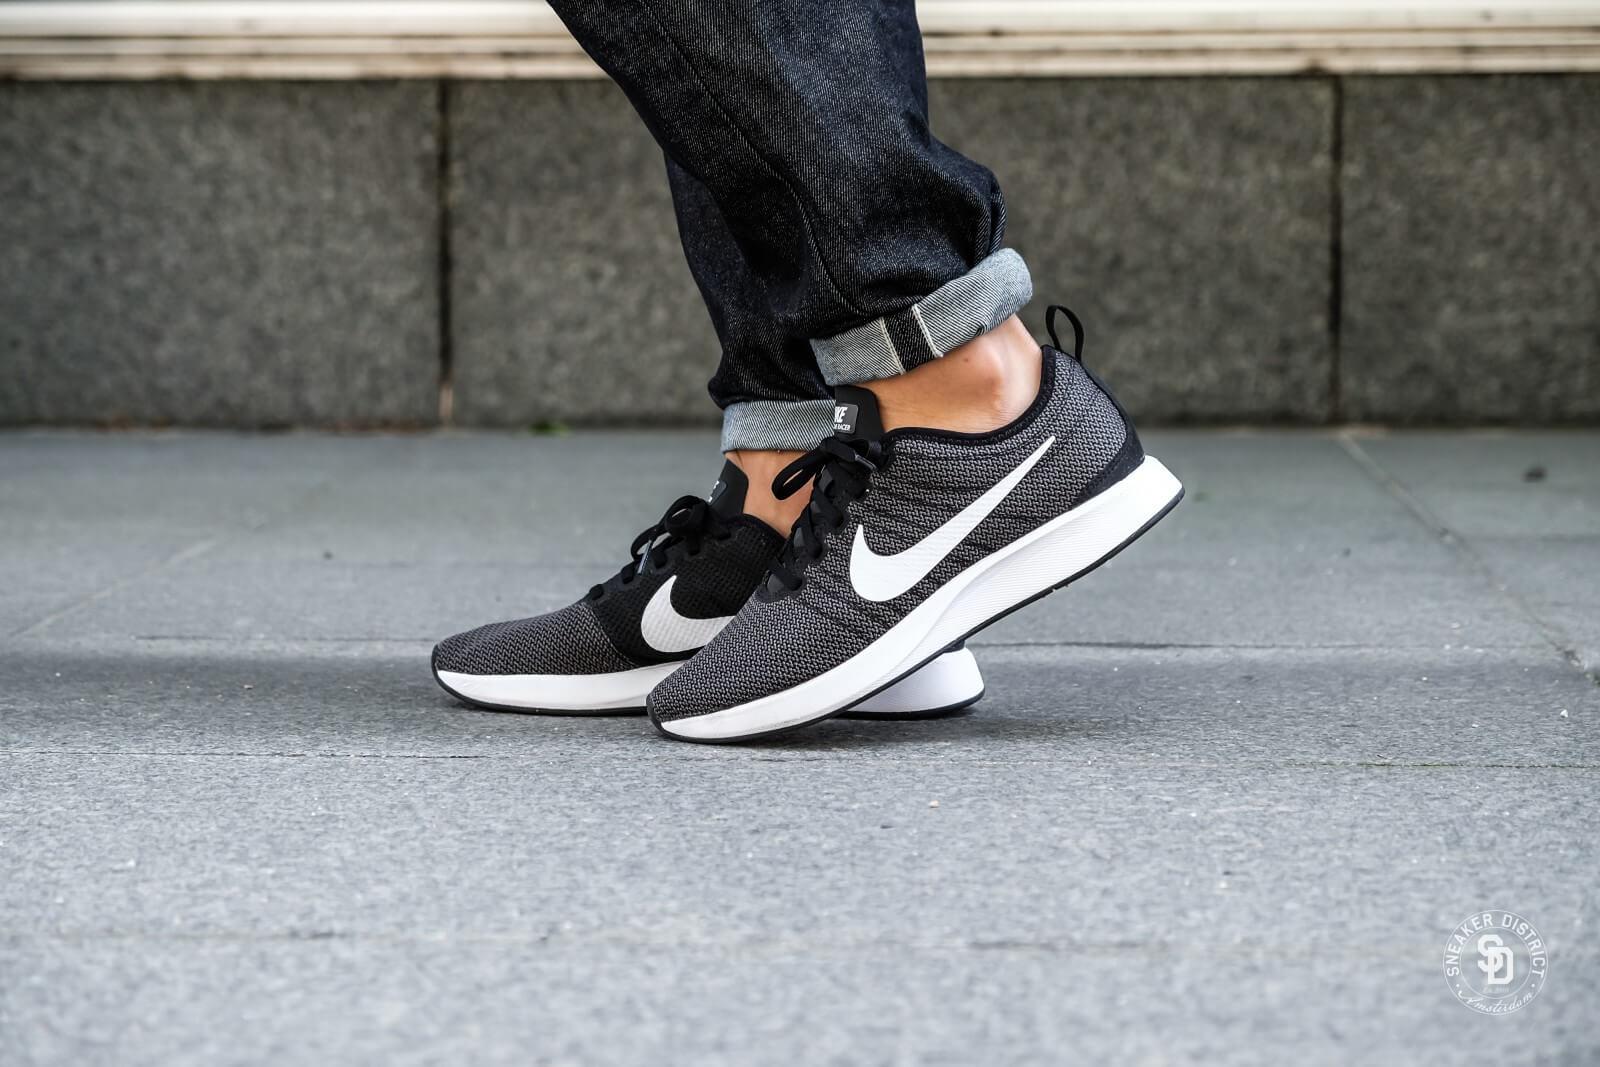 Shoes Men Nike Dualtone Racer 918227 002 (Black